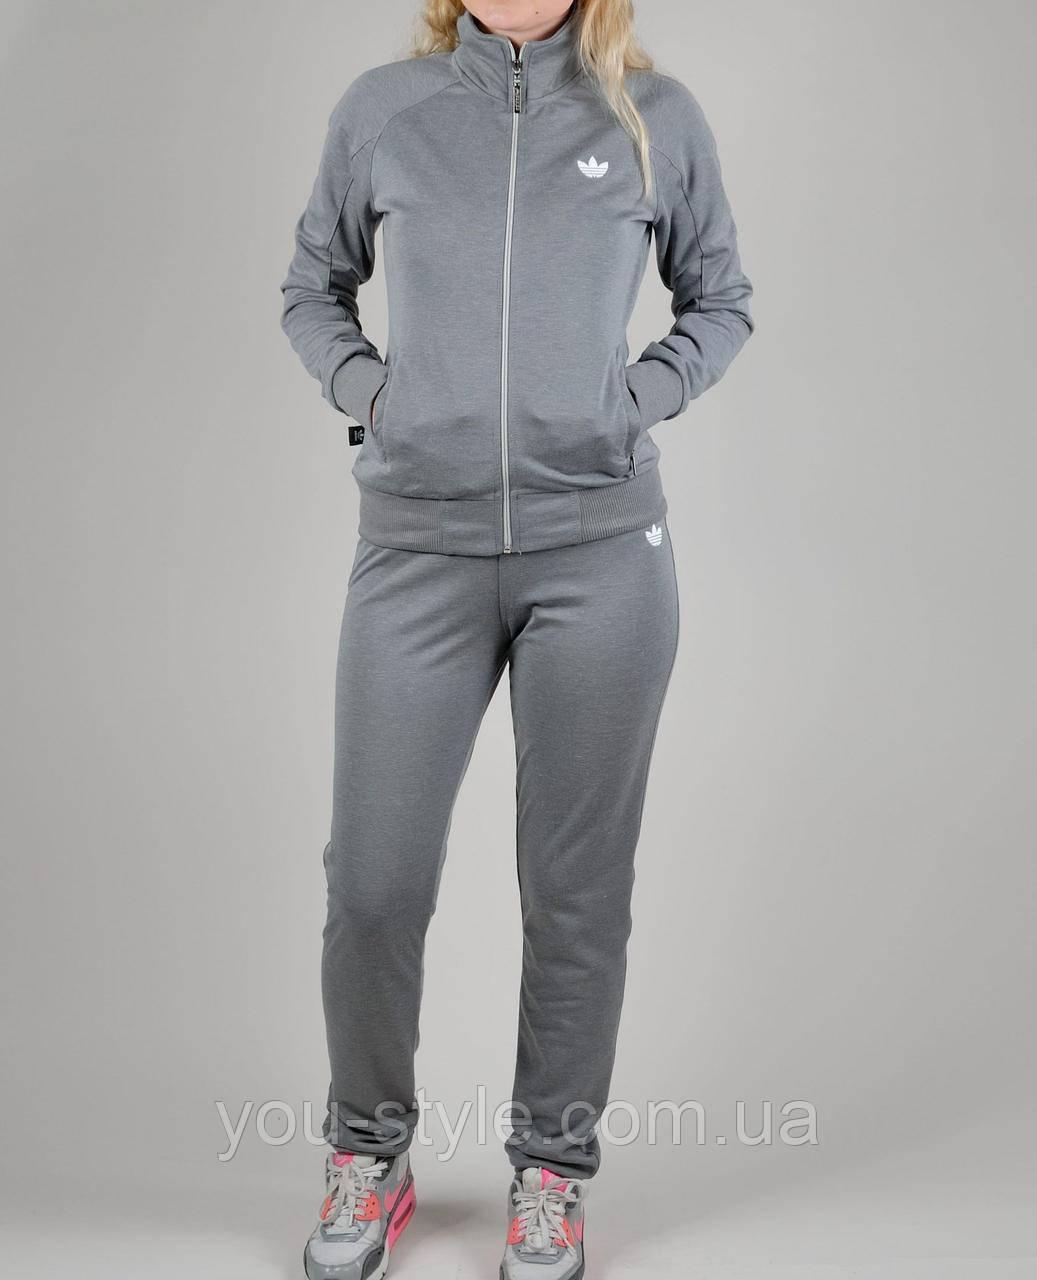 Женский спортивный костюм Adidas 1153 Серый